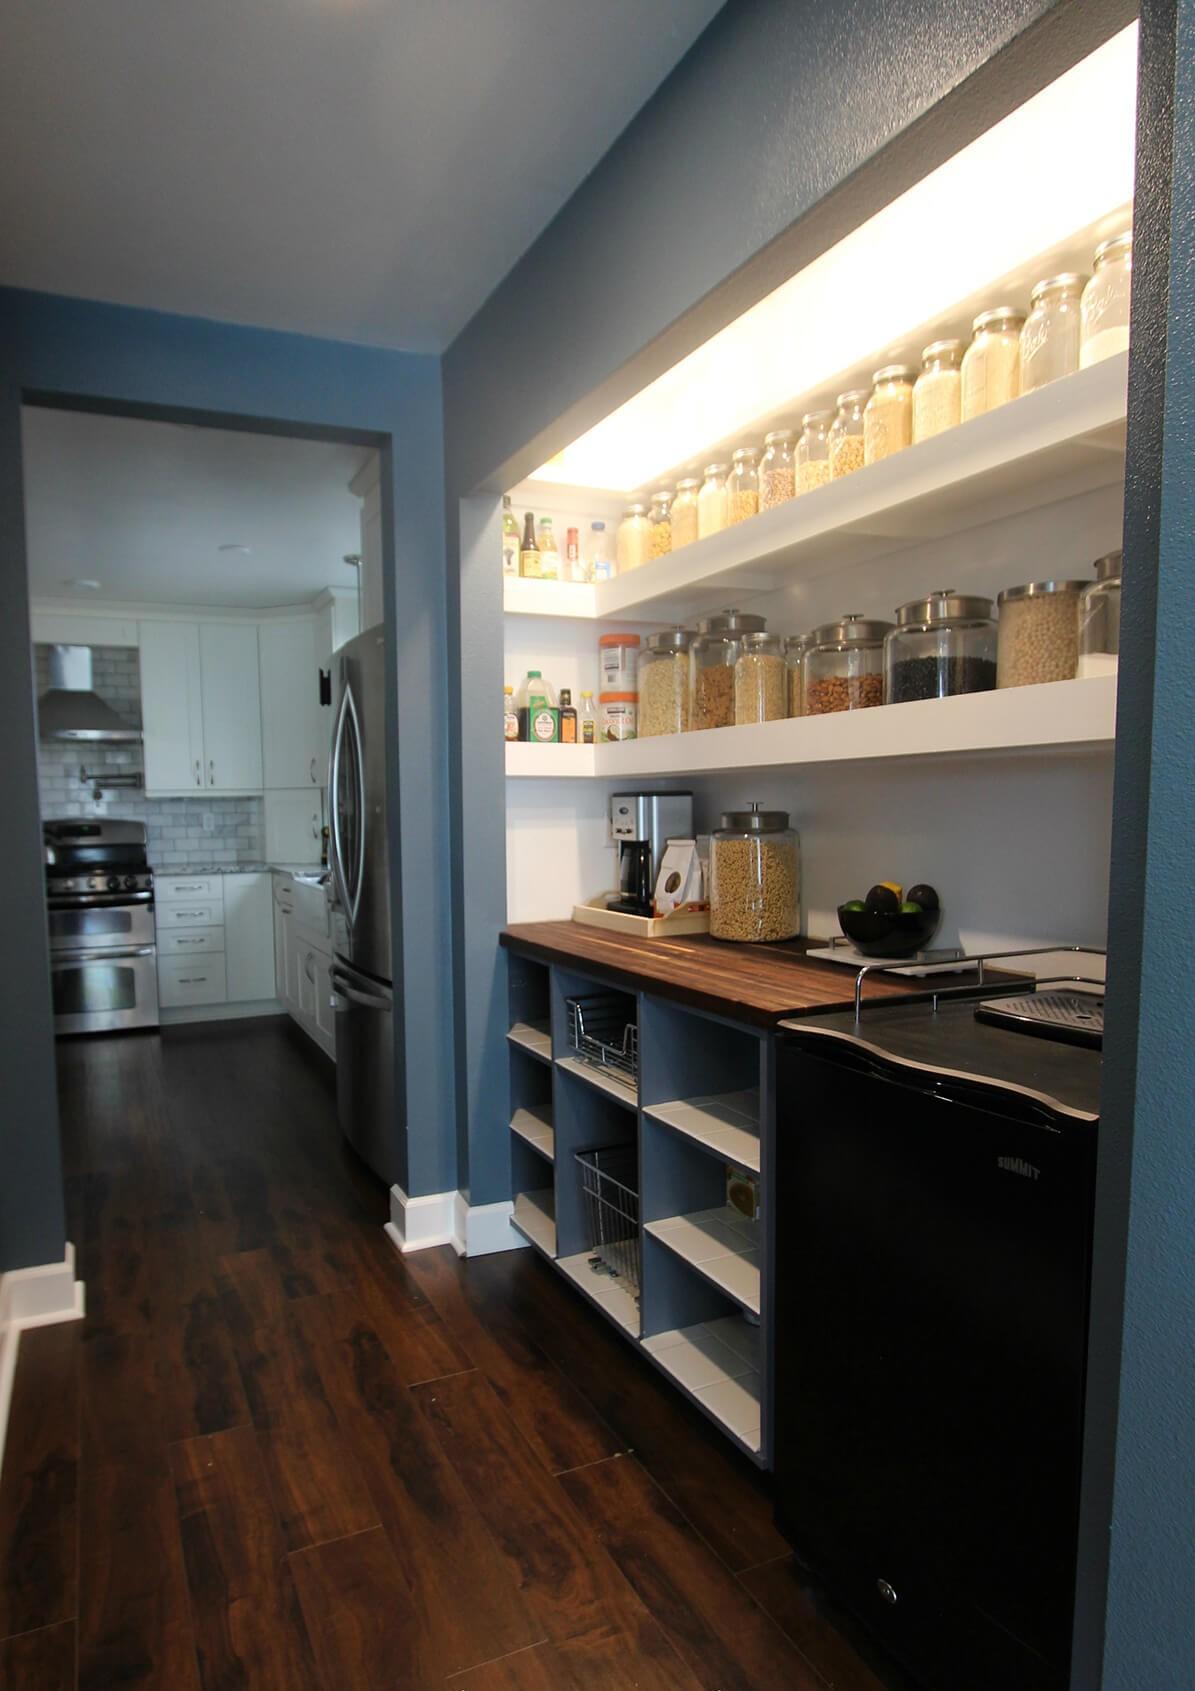 стеллажи для организации кладовой на кухне фото 8